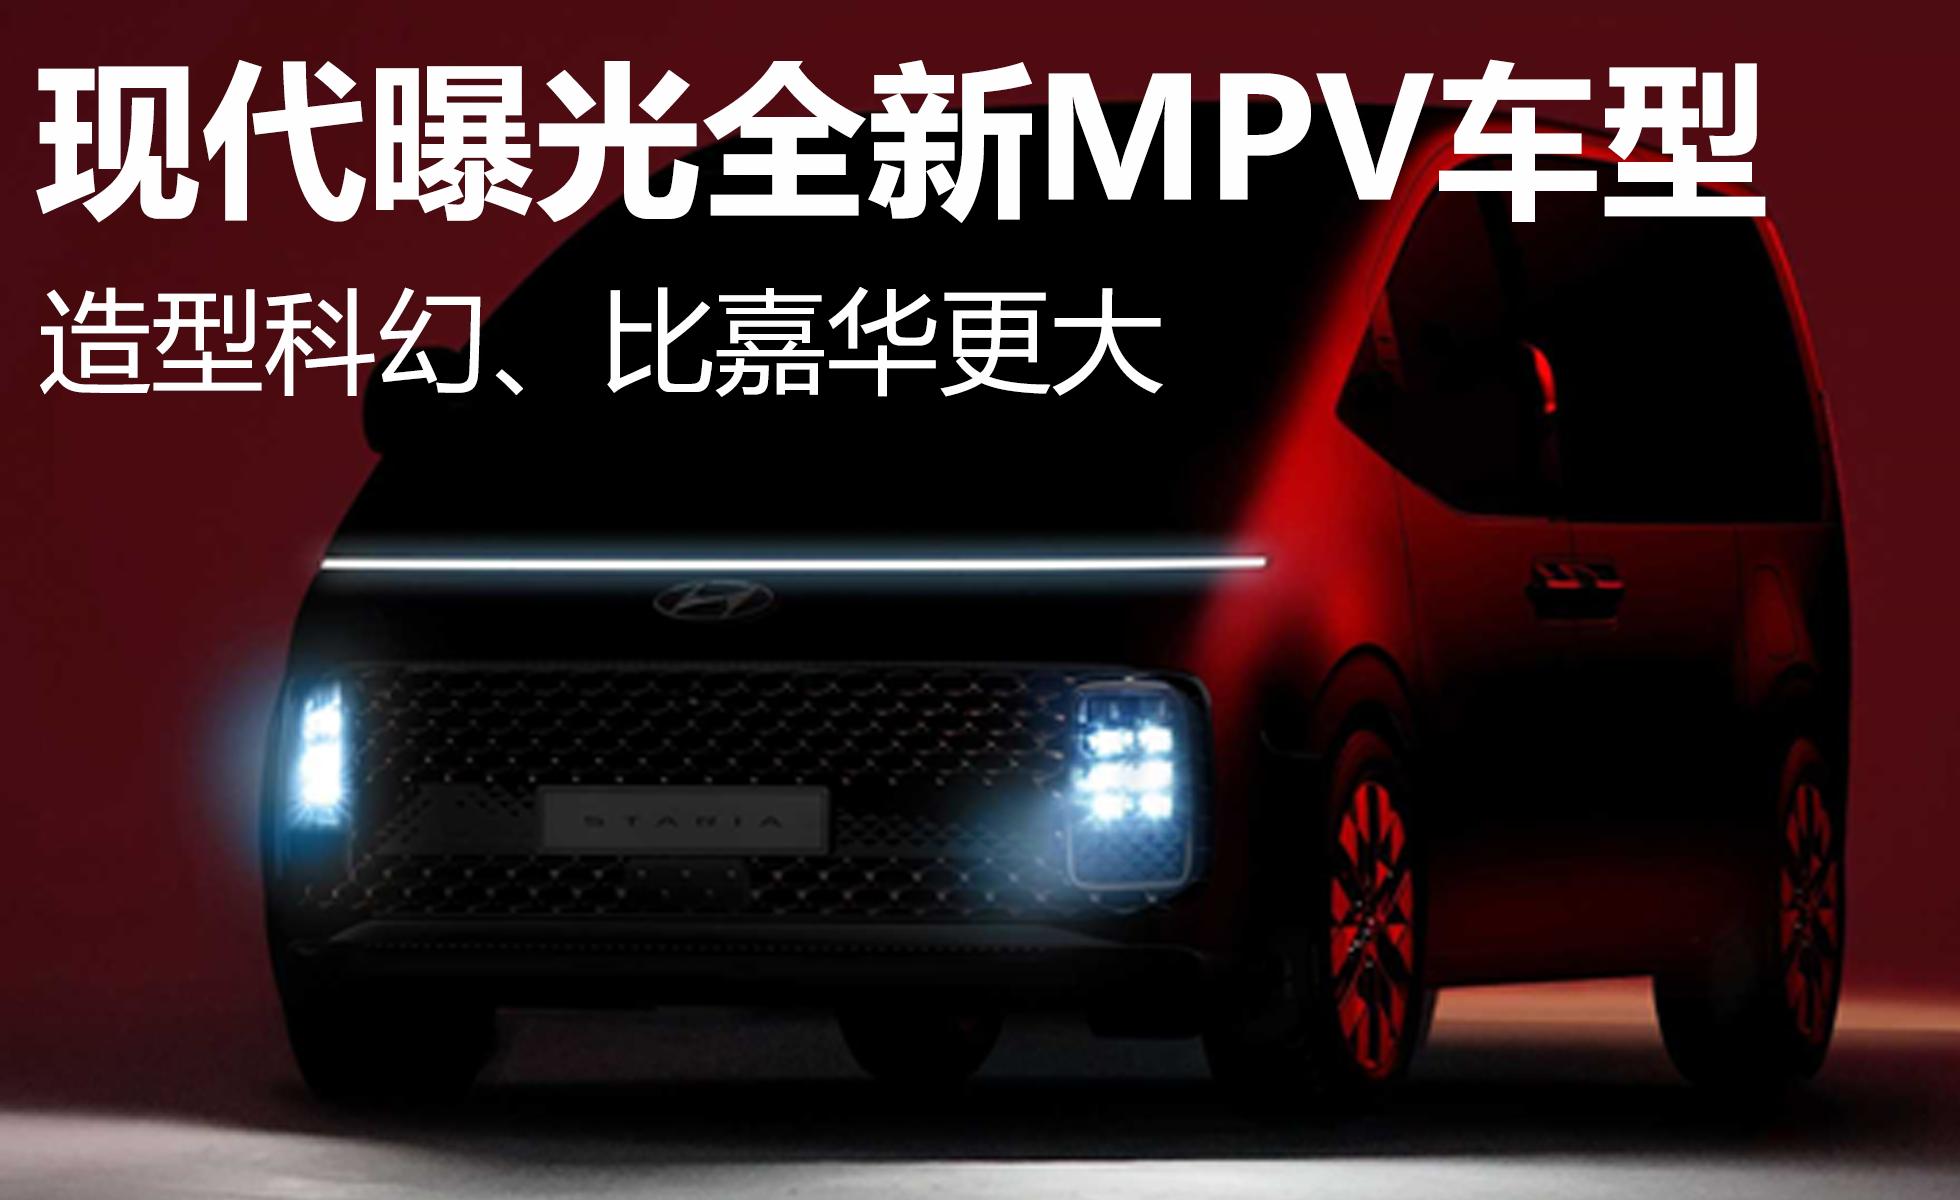 现代曝光全新MPV车型,造型科幻、比嘉华更大